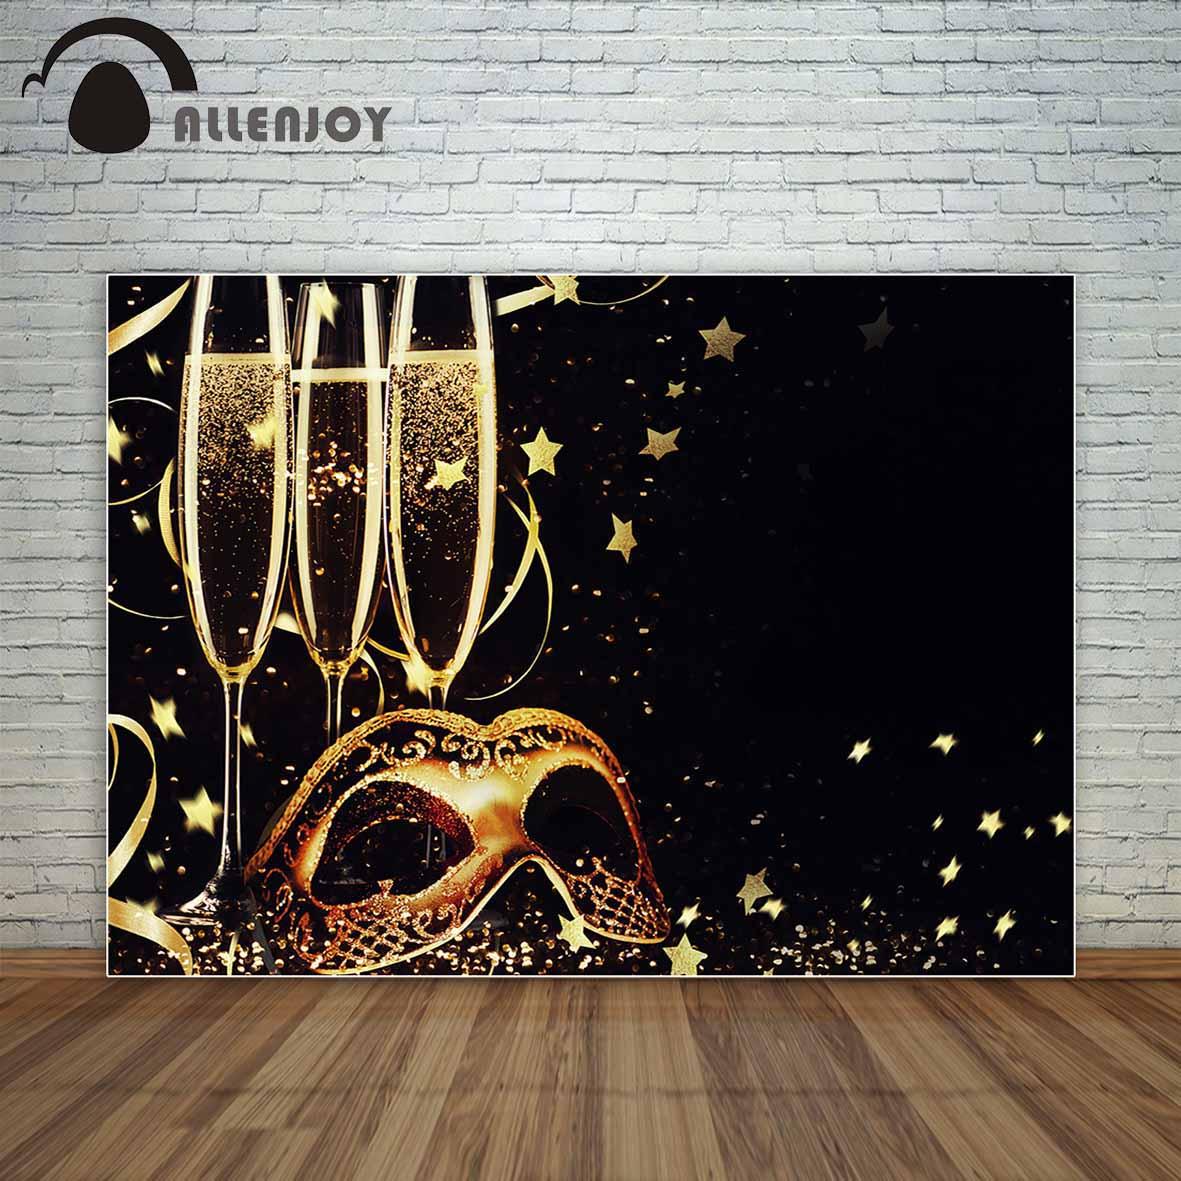 Allenjoy dorado y negro Mascarada y champán estrellas y cintas telón de fondo de vinilo nuevos fondos fotográficos